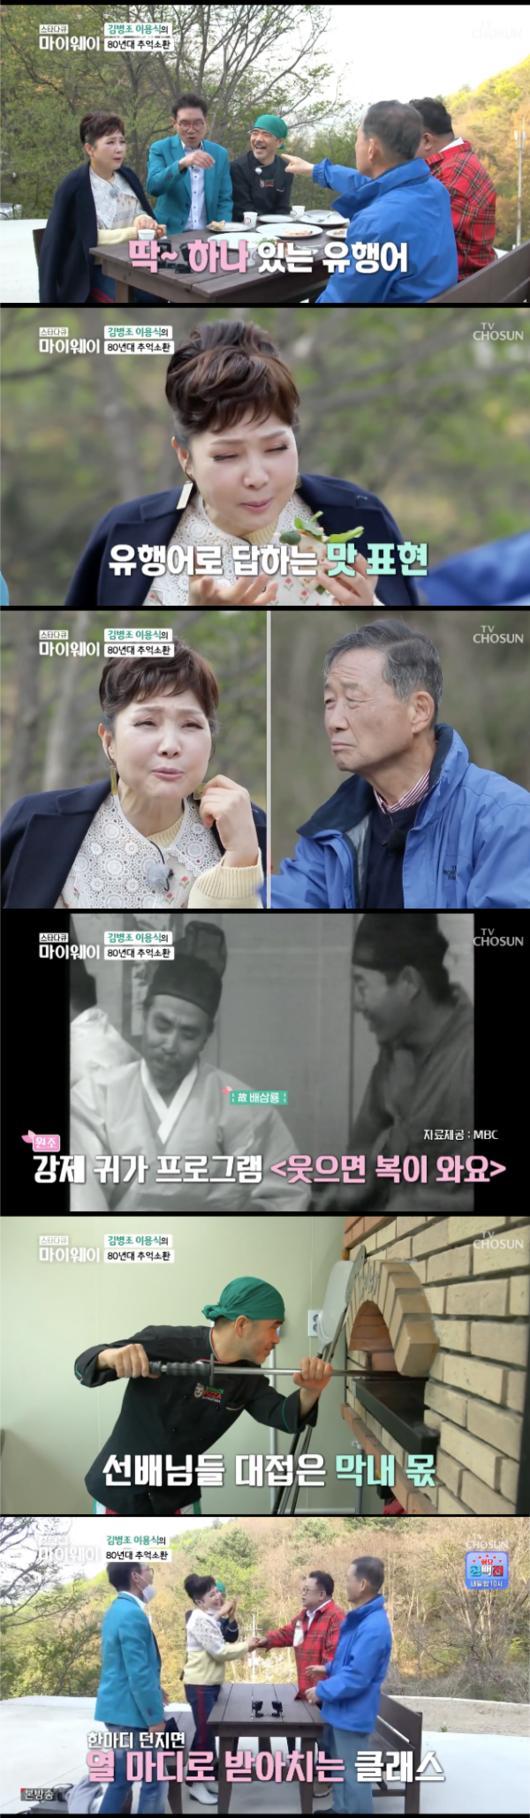 [사진]TV조선 '스타다큐 마이웨이' 방송 화면 캡쳐